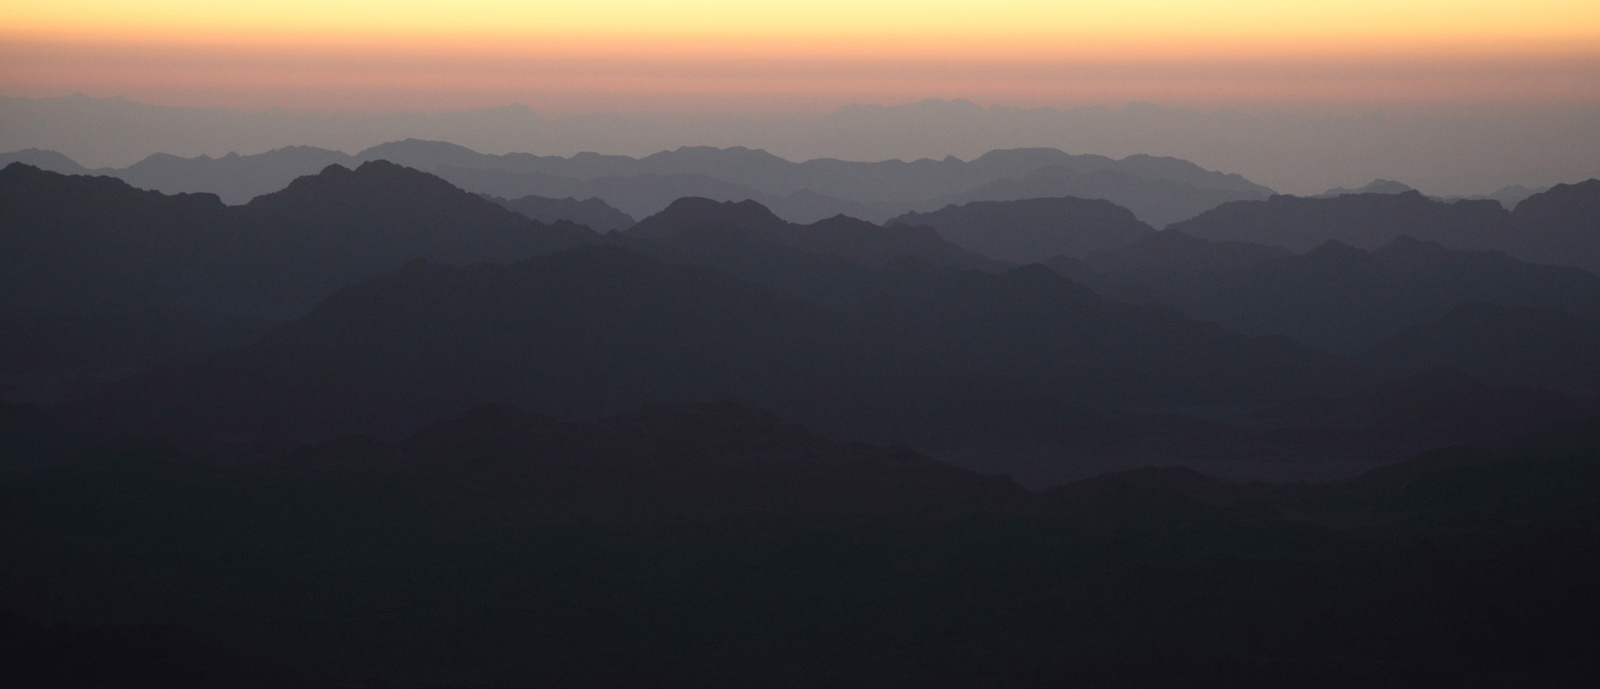 201010 Sinai 30